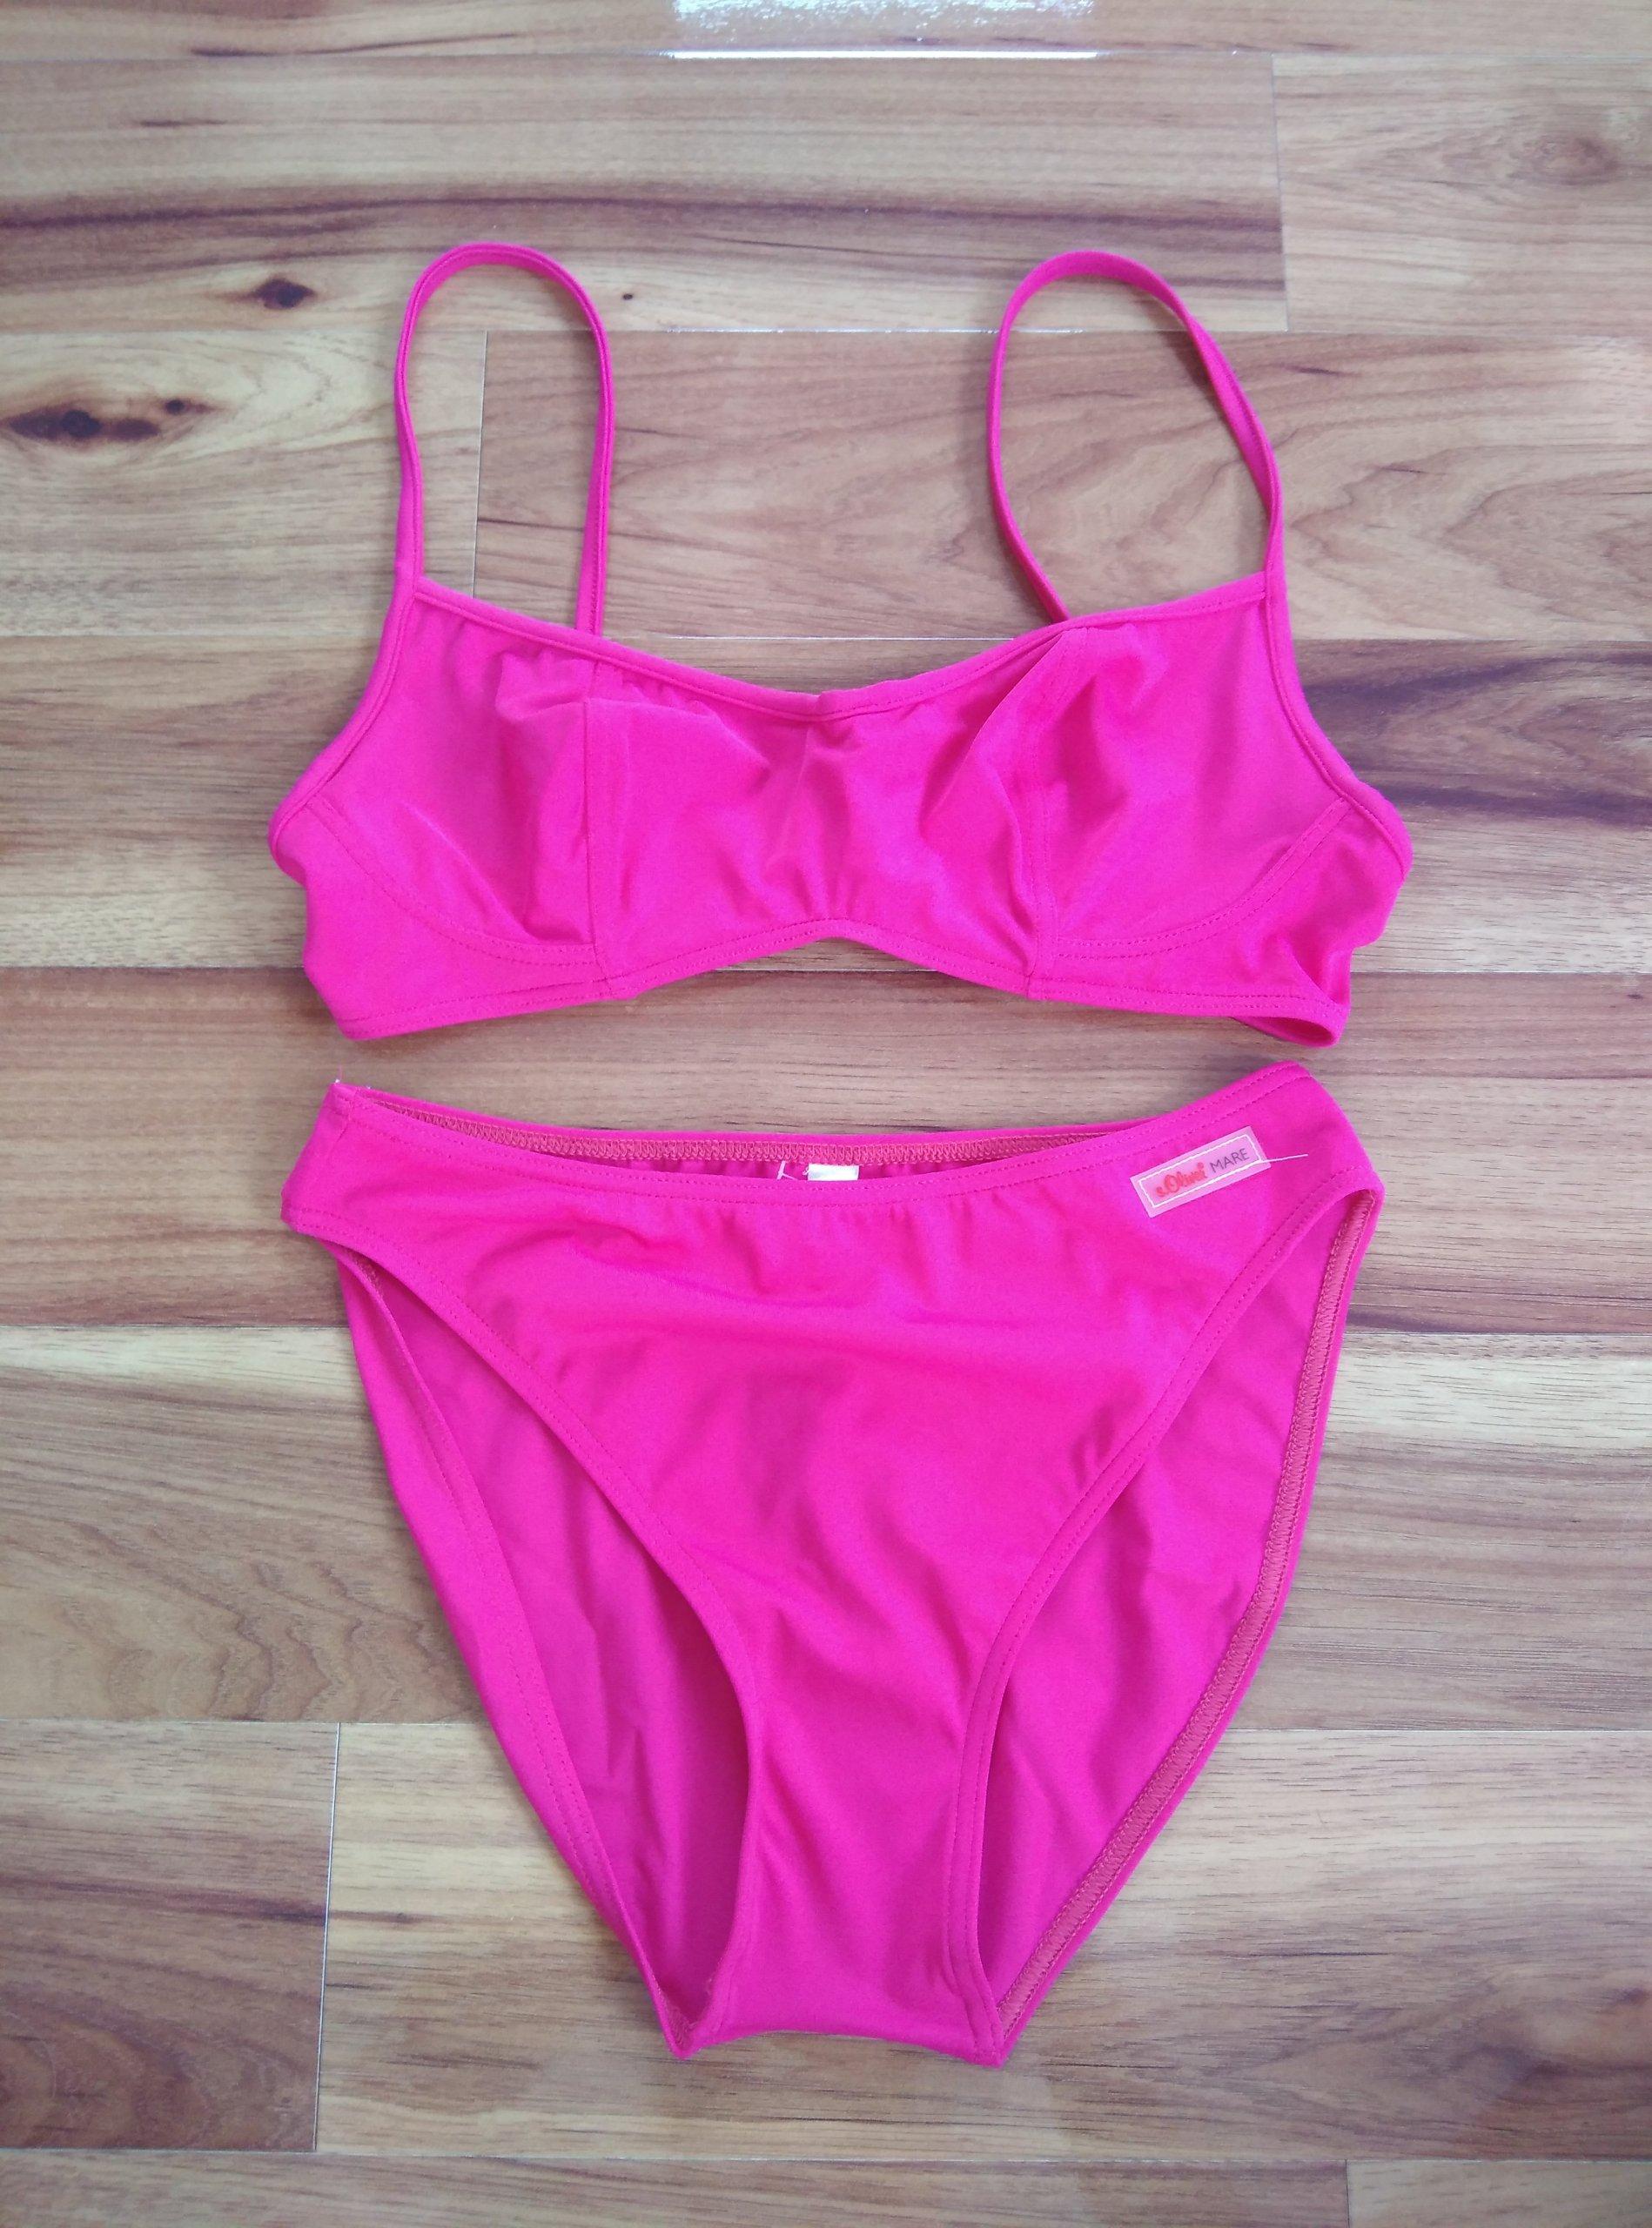 534e796255afdf s.OLIVER różowe bikini R 40 (80 C) - 7402389548 - oficjalne archiwum ...